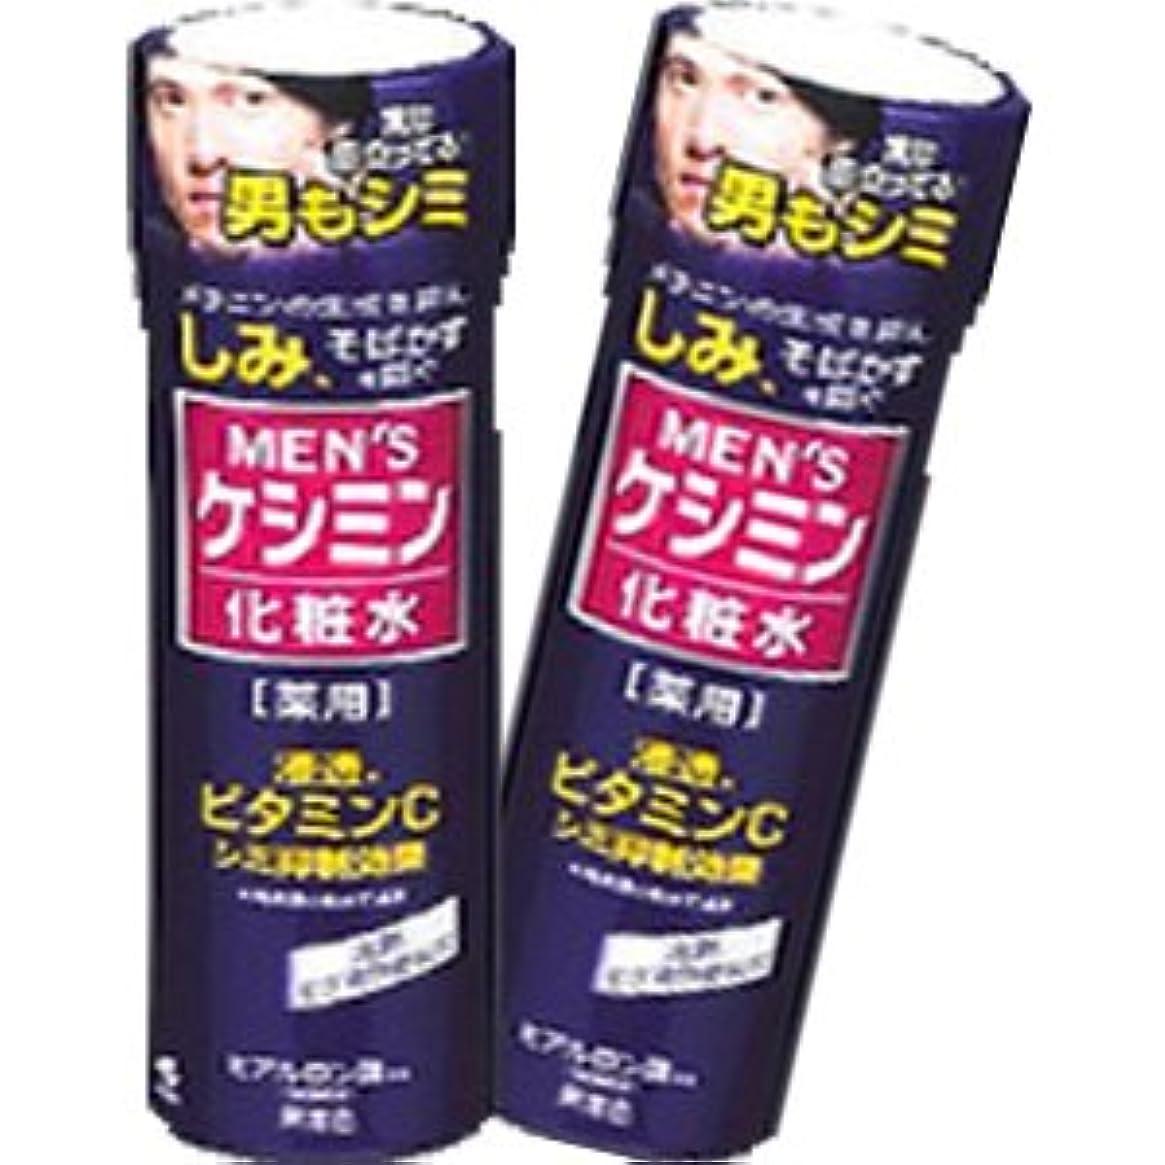 九時四十五分ブース良さ【2個】 メンズケシミン化粧水 160mlx2個 (4987072034330)